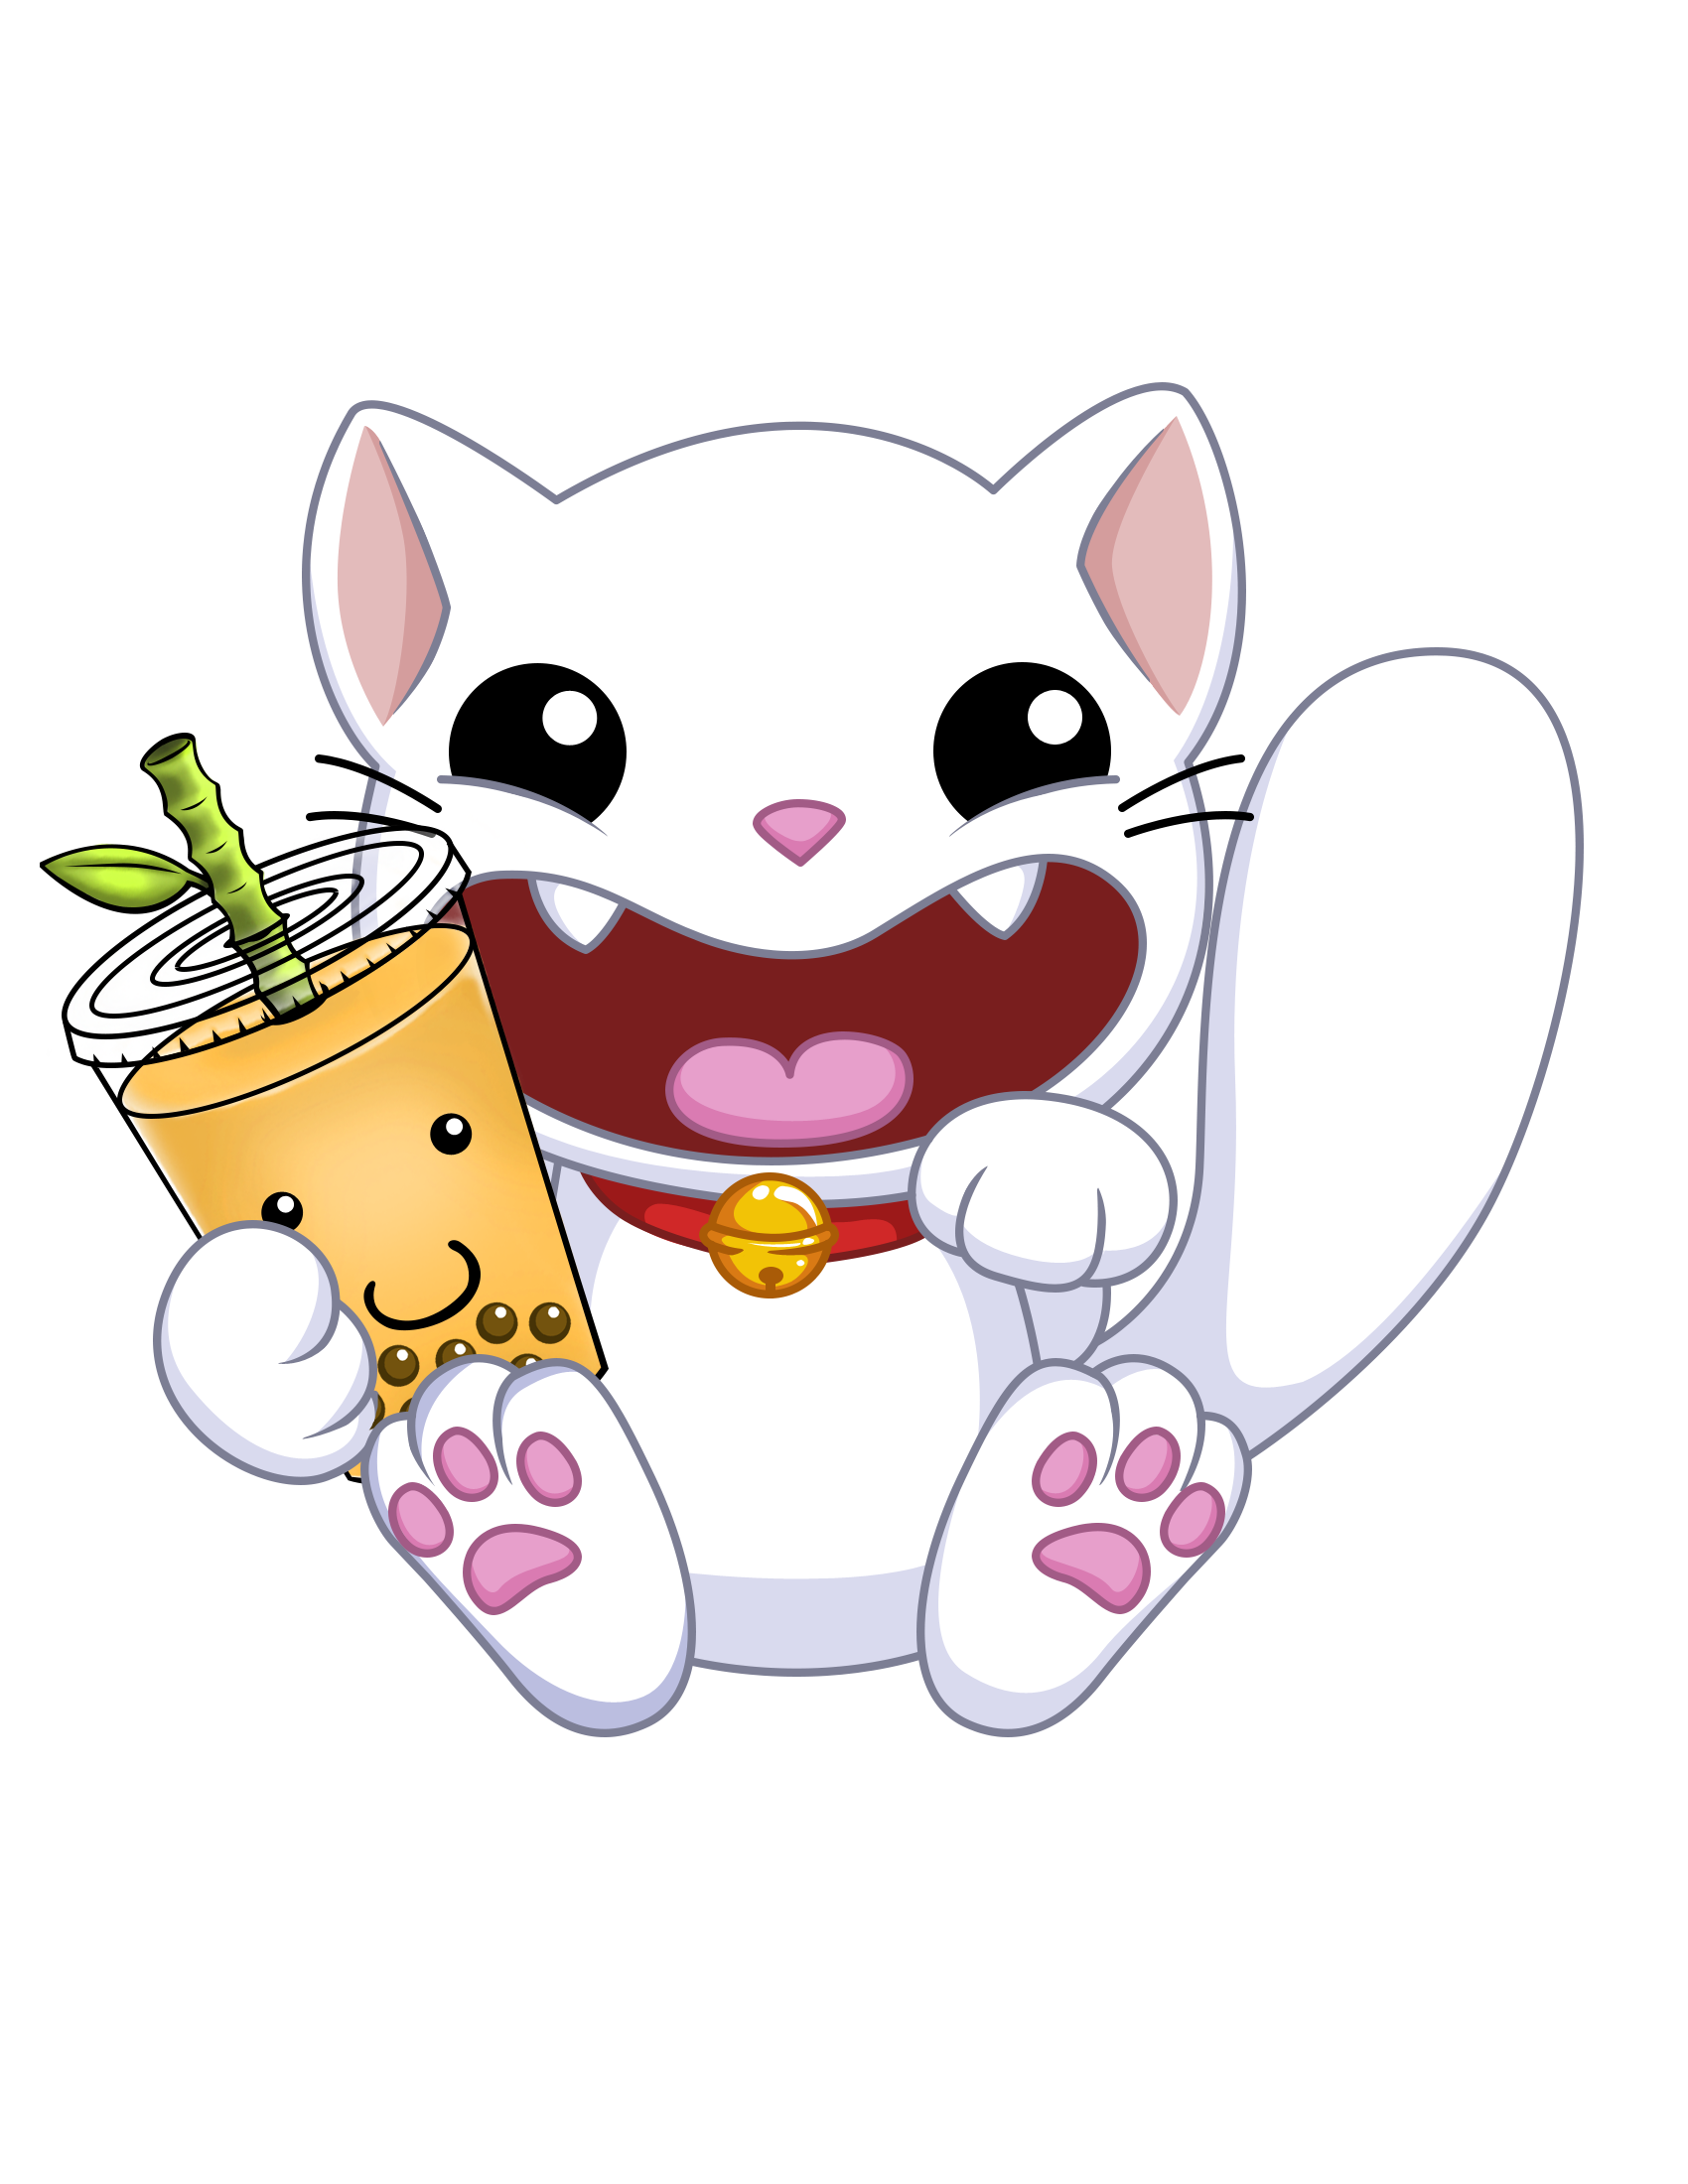 bobaddiction-cat-fixed.png